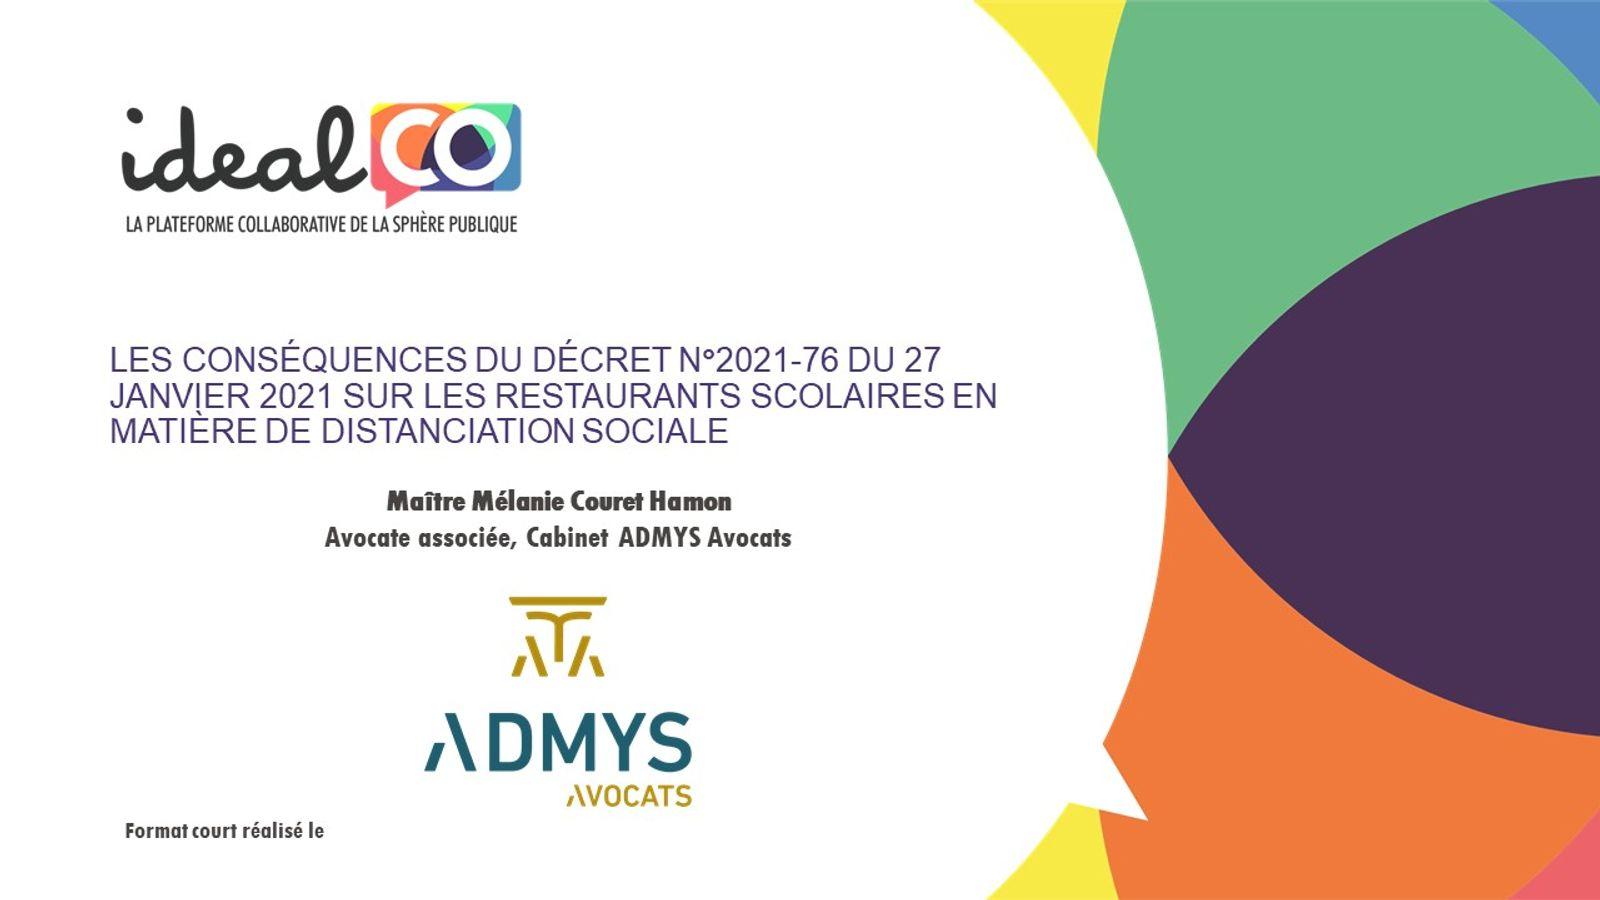 [FORMAT COURT] COVID-19: Les conséquences du décret N°2021-76 du 27 janvier 2021 sur les restaurants scolaires en matière de distanciation sociale